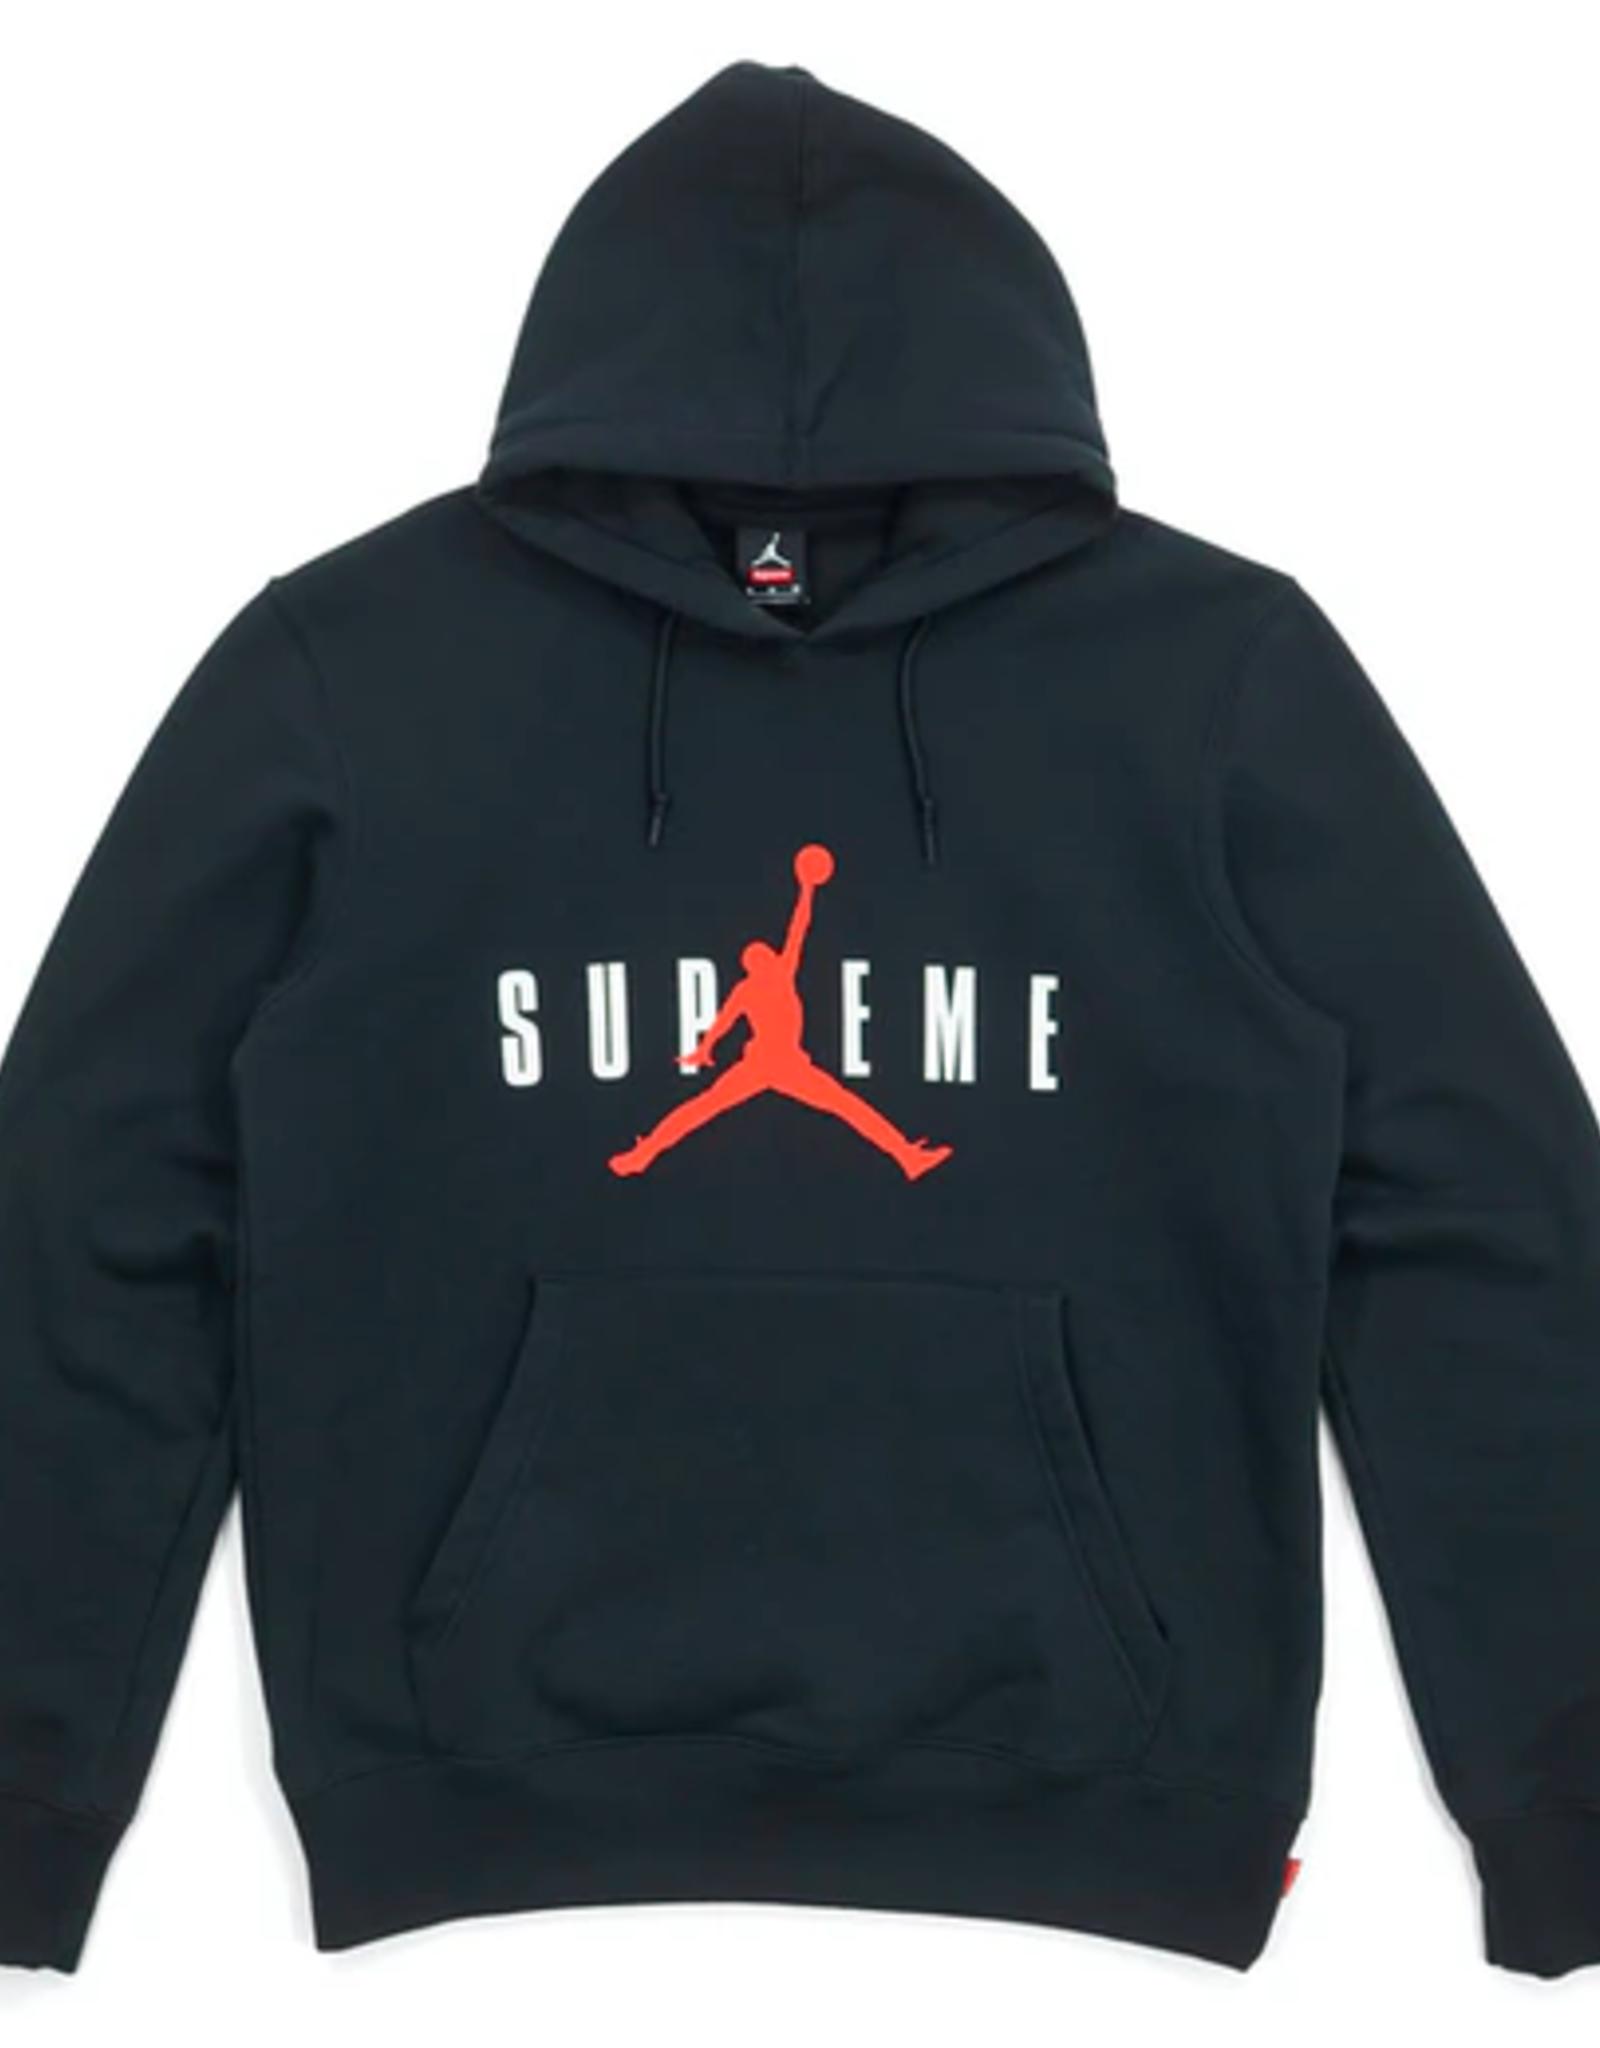 SUPREME Supreme Jordan Hooded Pullover Black LG WORN